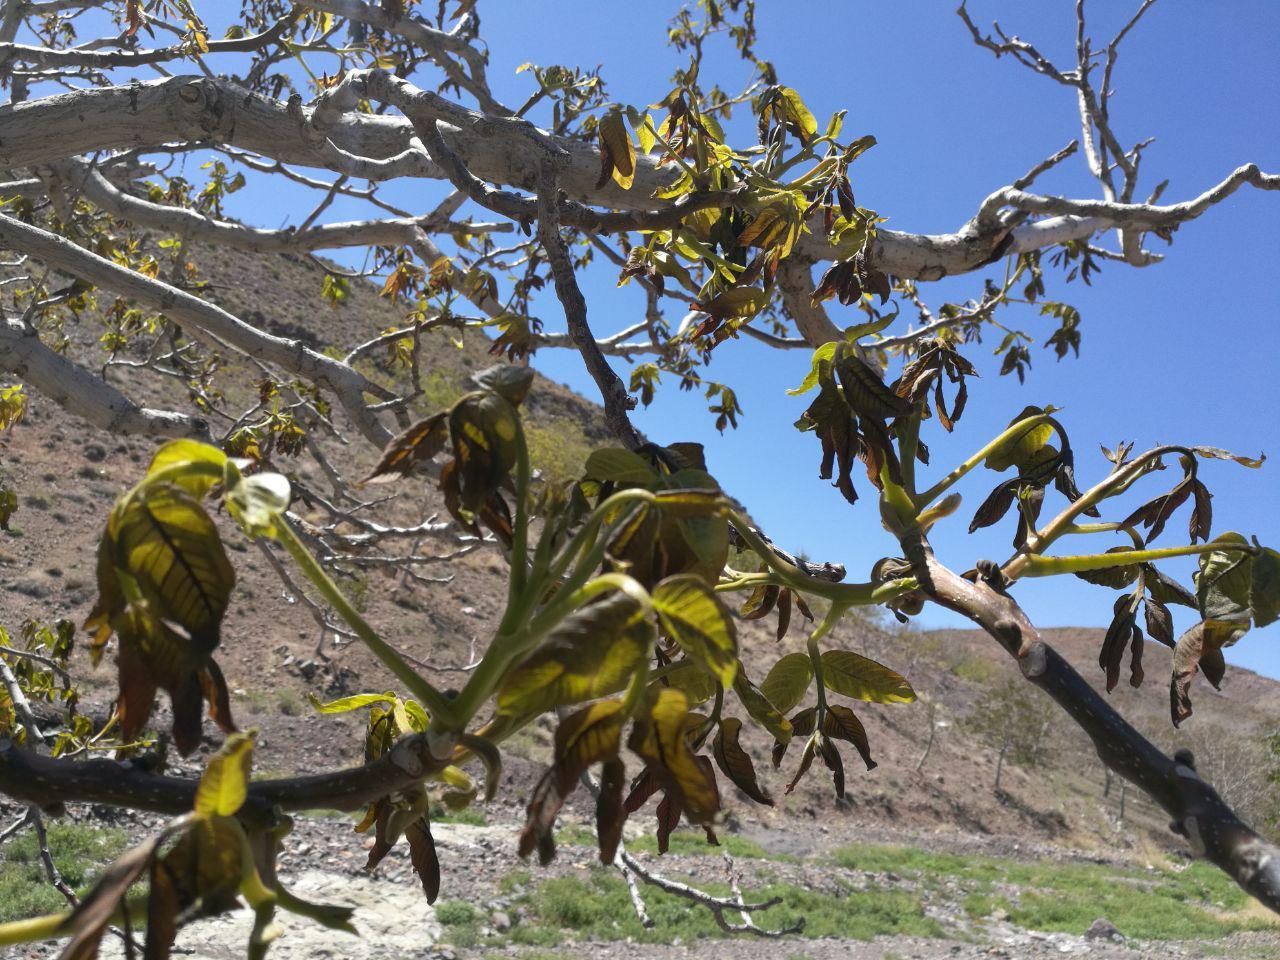 تیشه خزان بهاری برباغات/خسارت ۵۰ درصدی سرمازدگی به کشاورزان رابری